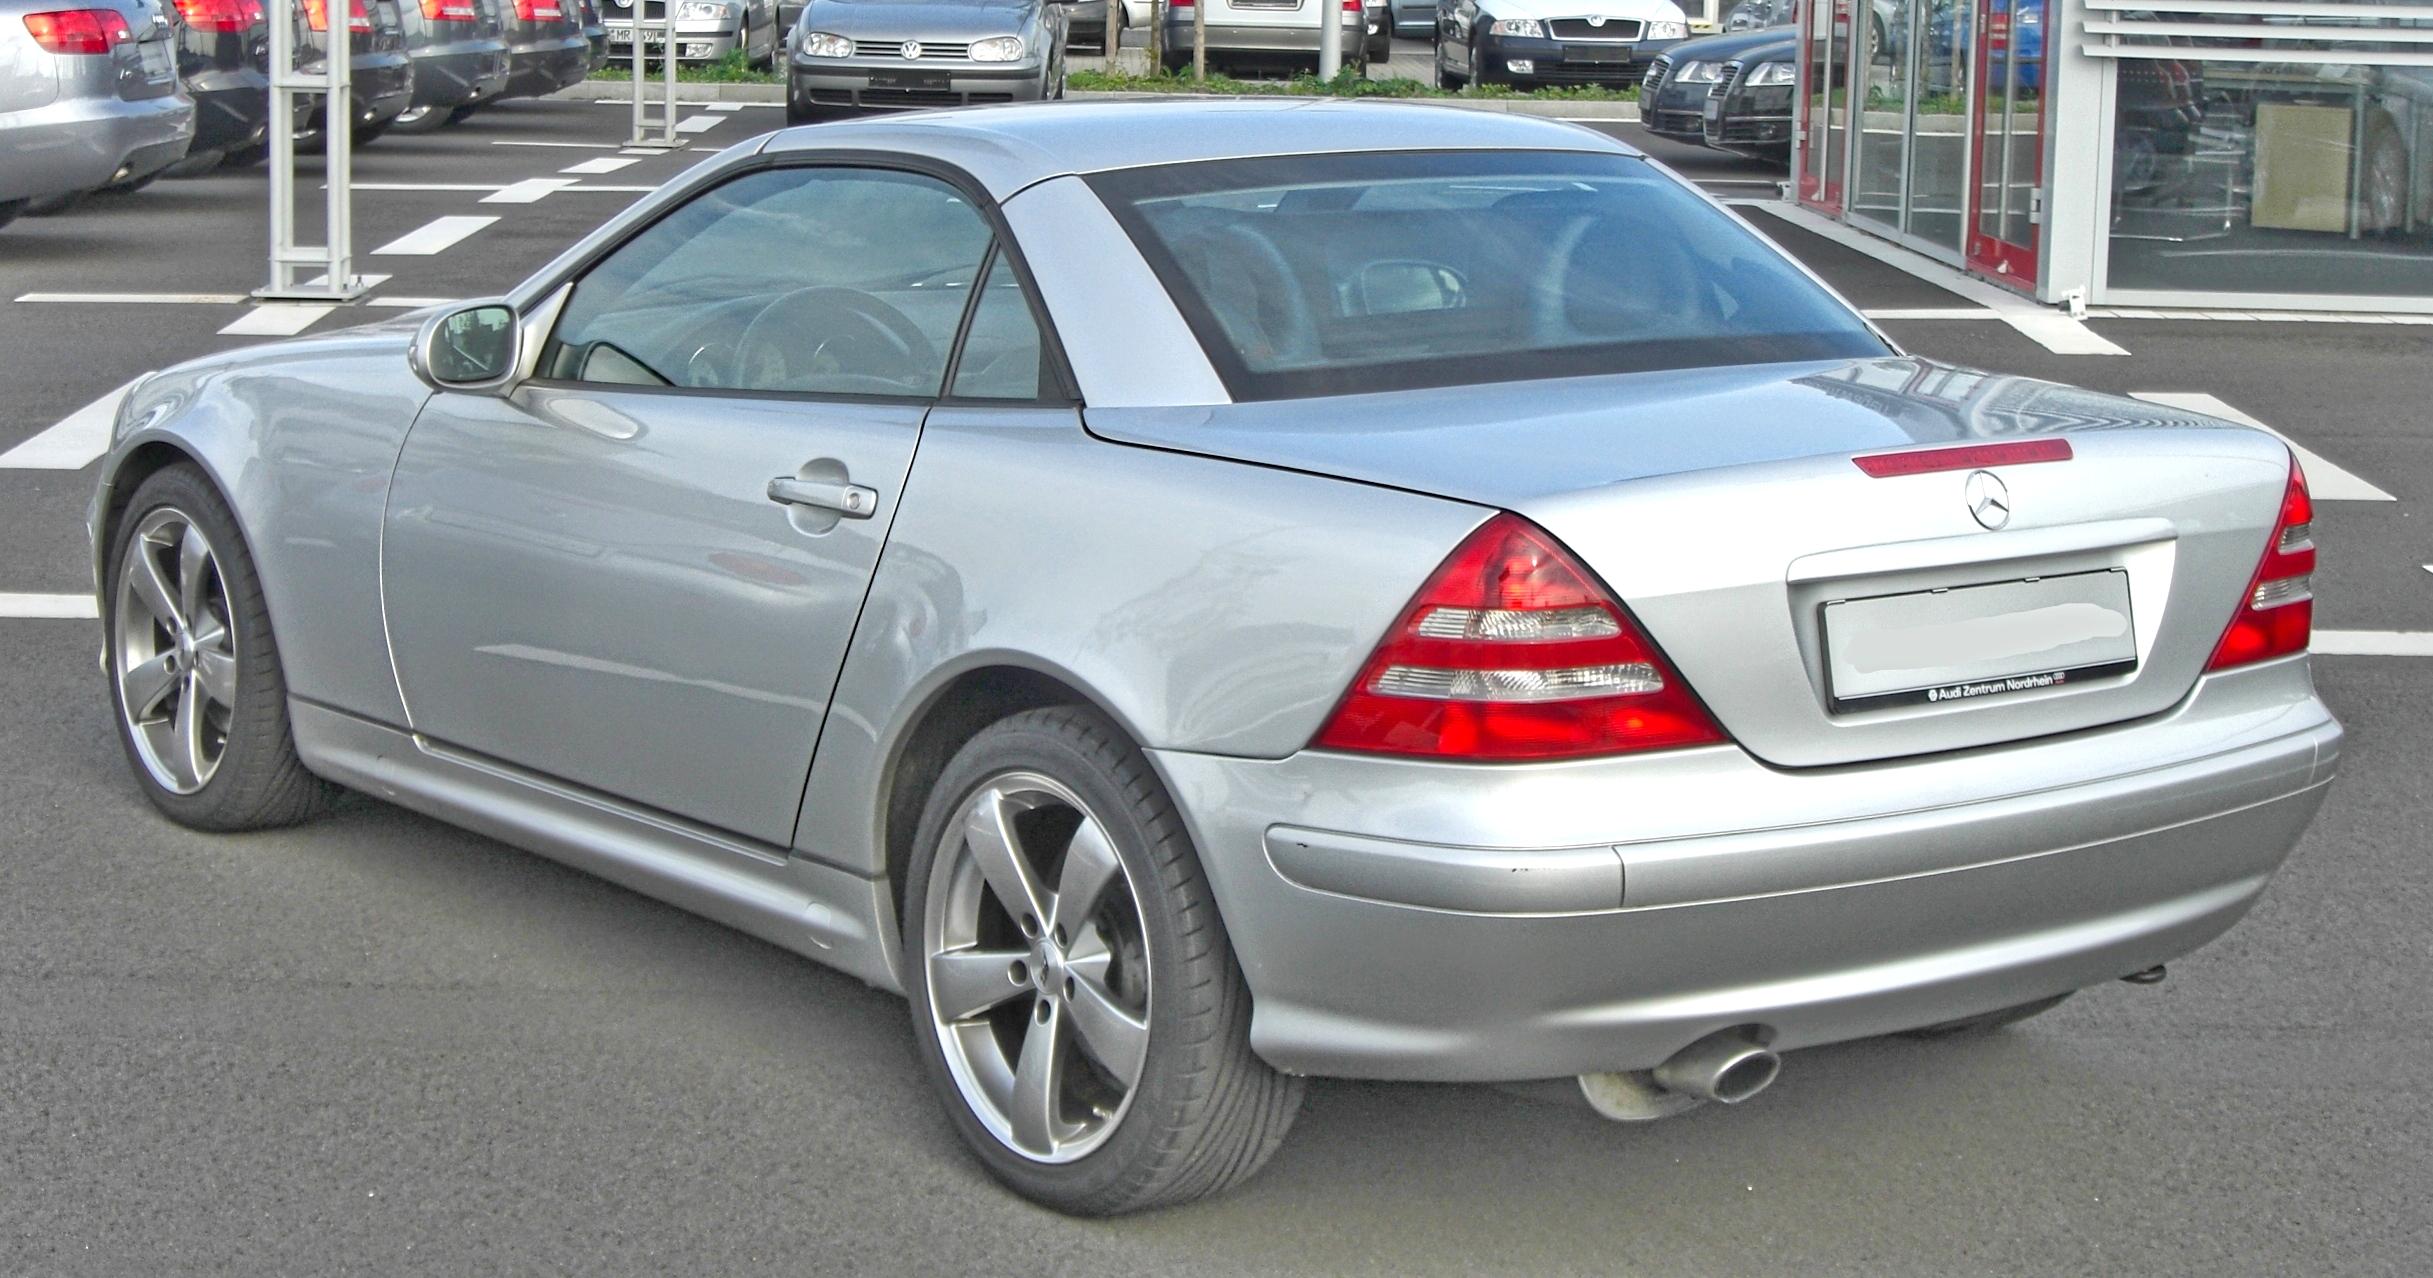 Mercedes Slk Led Headlight